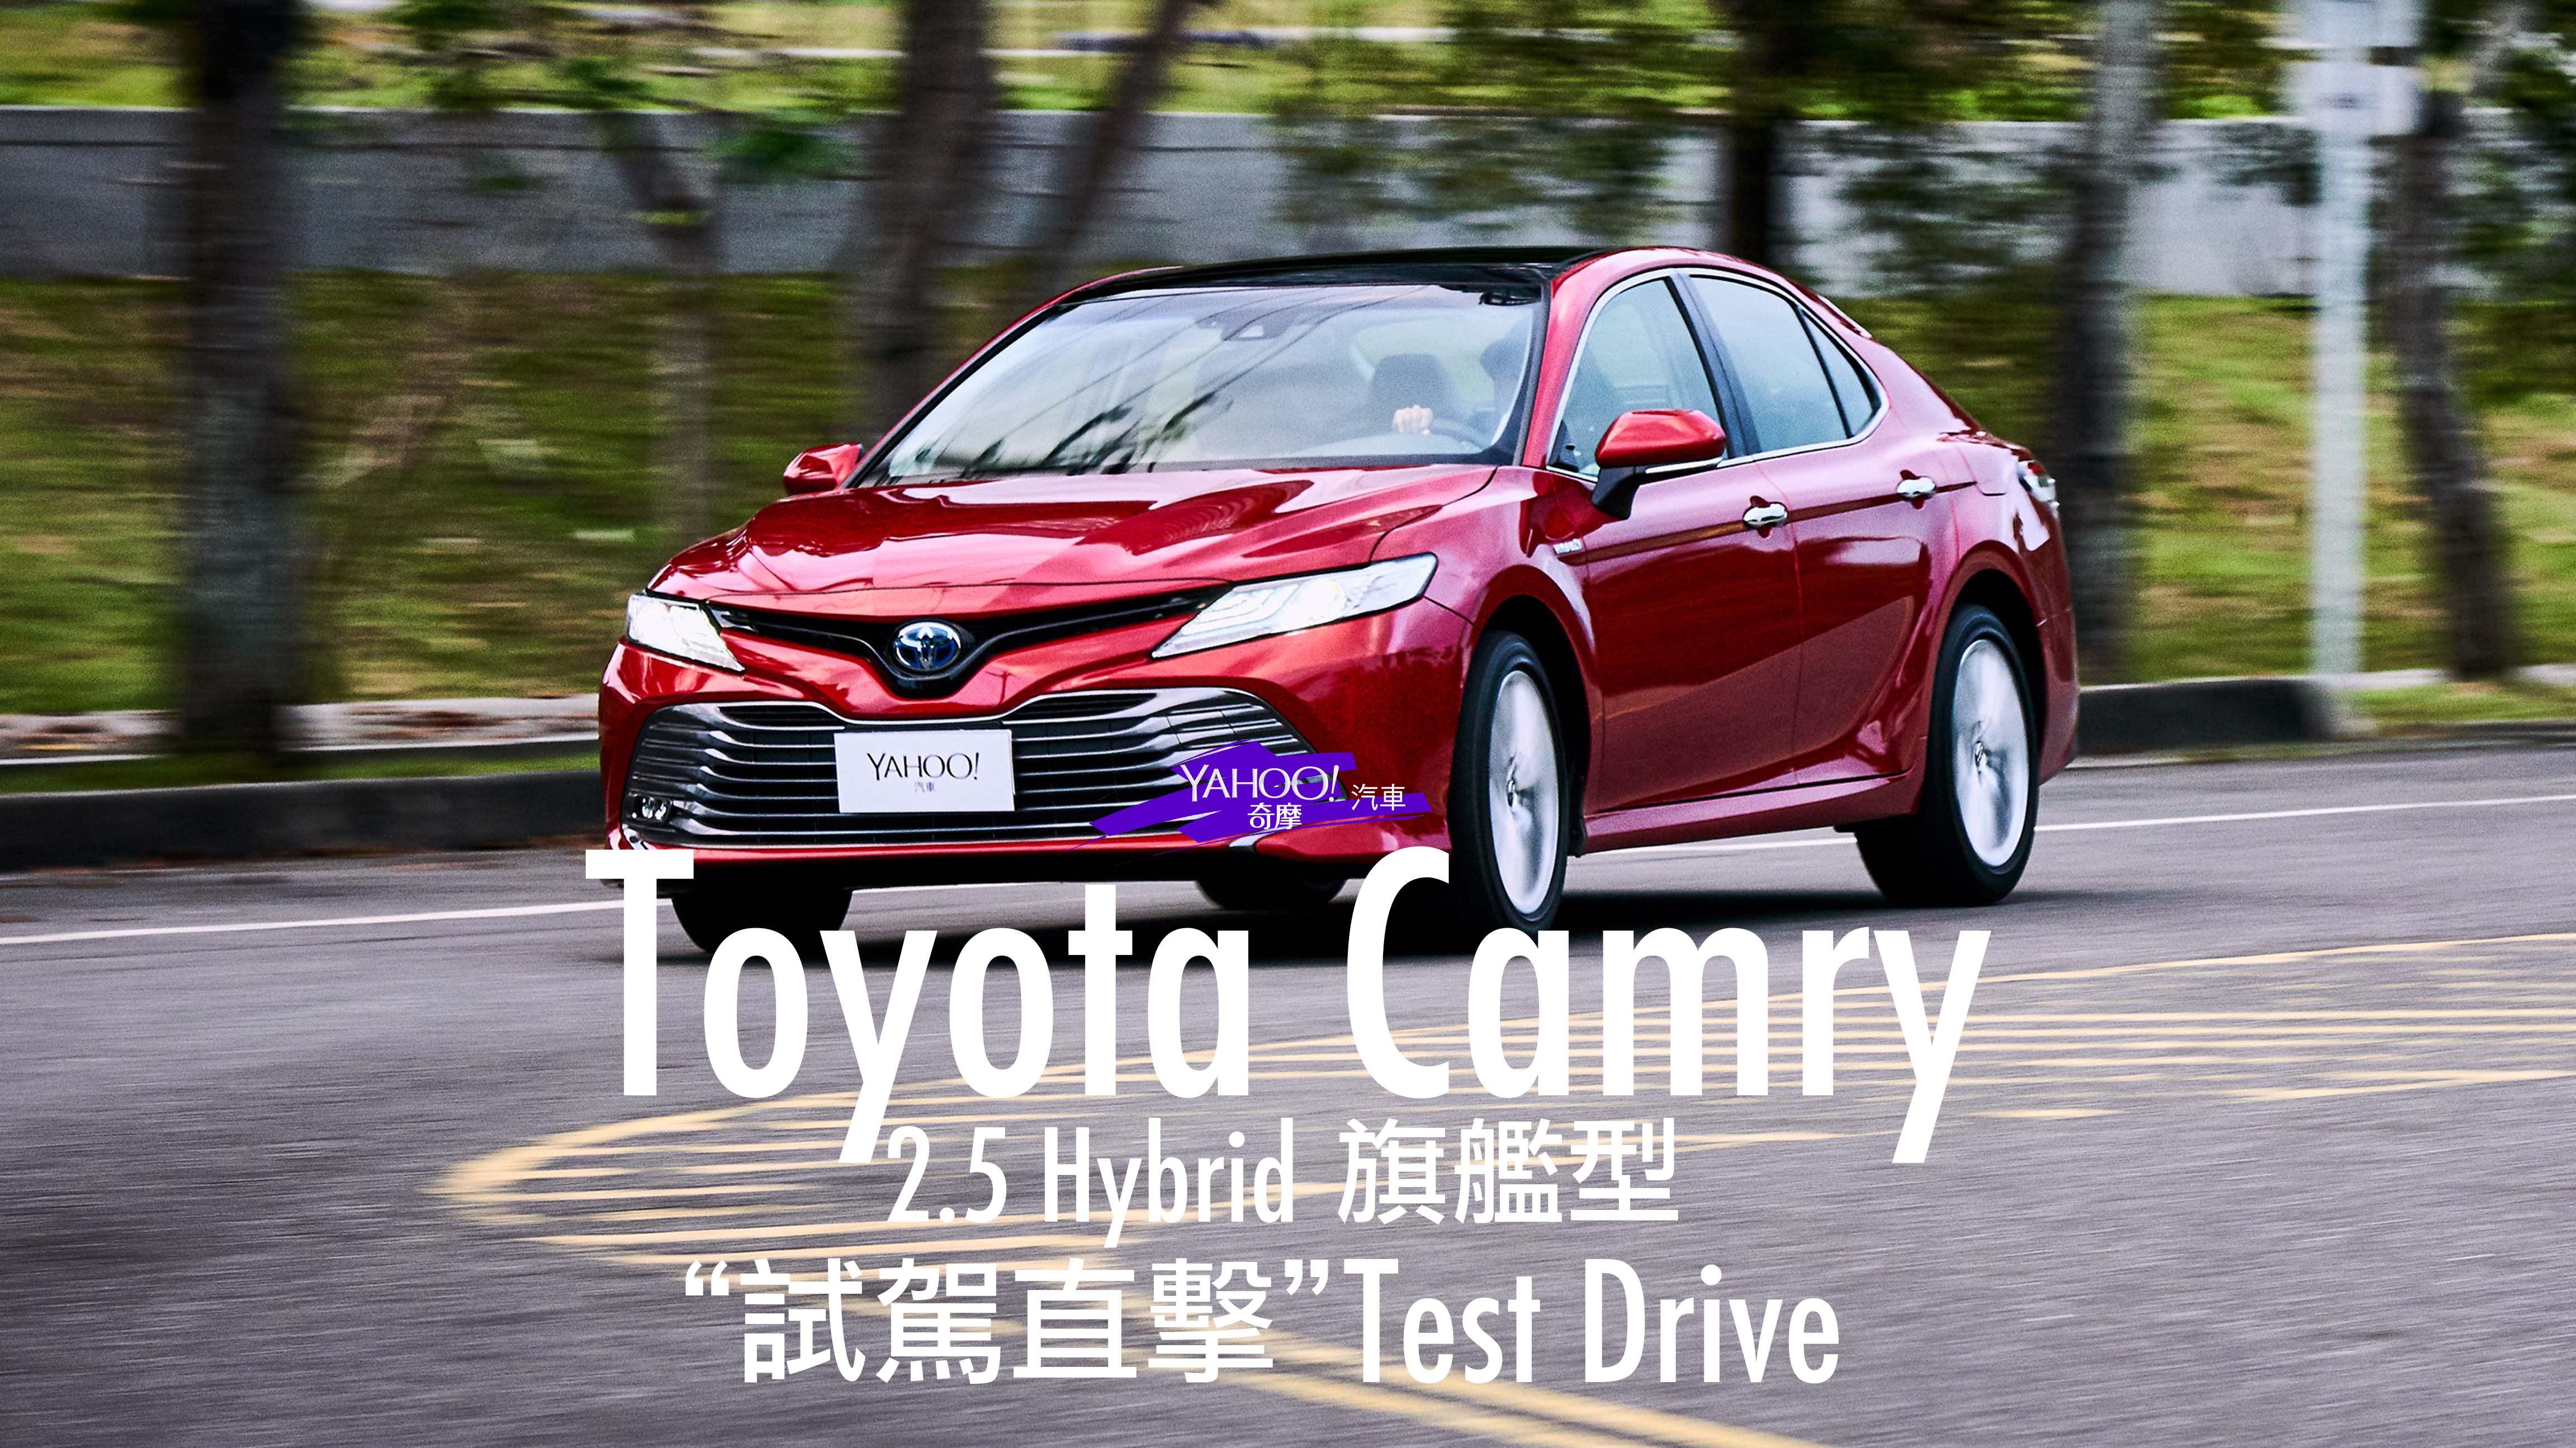 【試駕直擊】歷代之最!2019 Toyota大改款Camry 2.5 Hybrid旗艦型宜蘭試駕